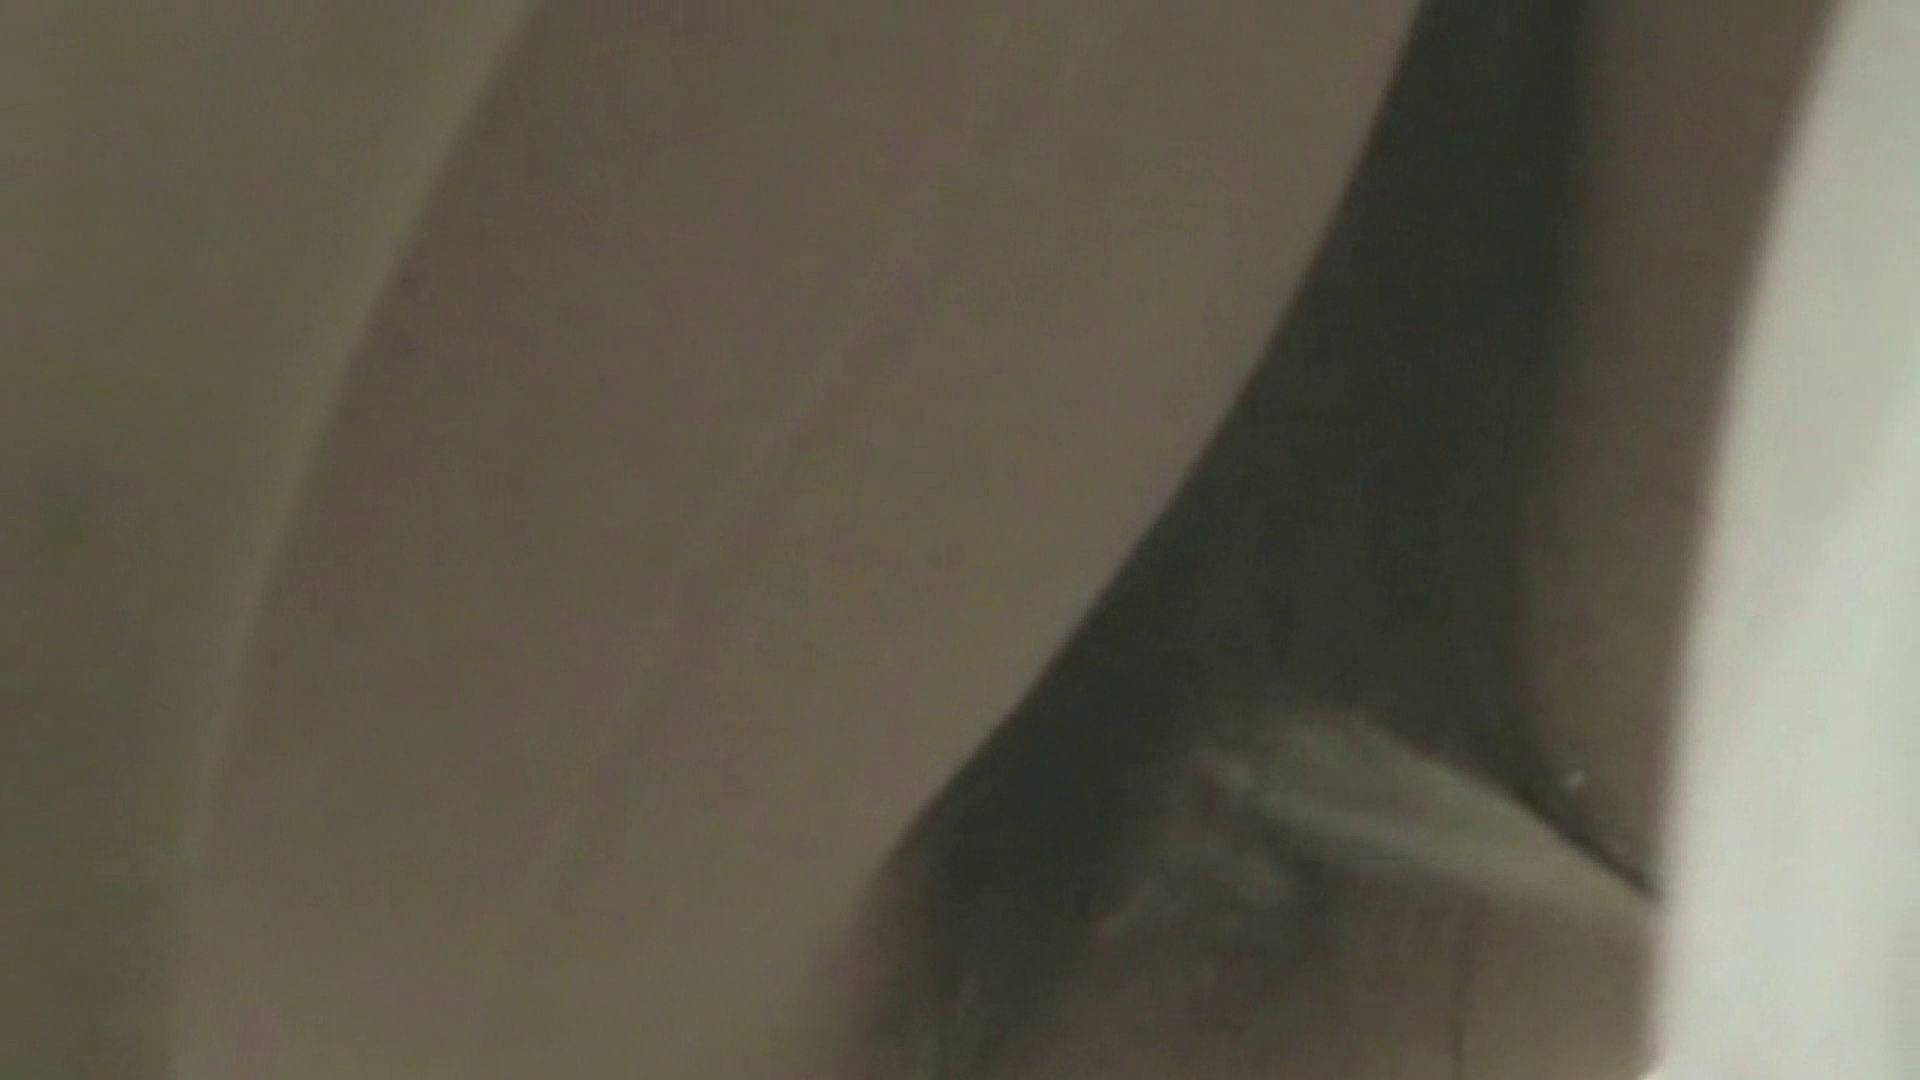 ロックハンドさんの盗撮記録File.48 厠隠し撮り 隠し撮りオマンコ動画紹介 101pic 14